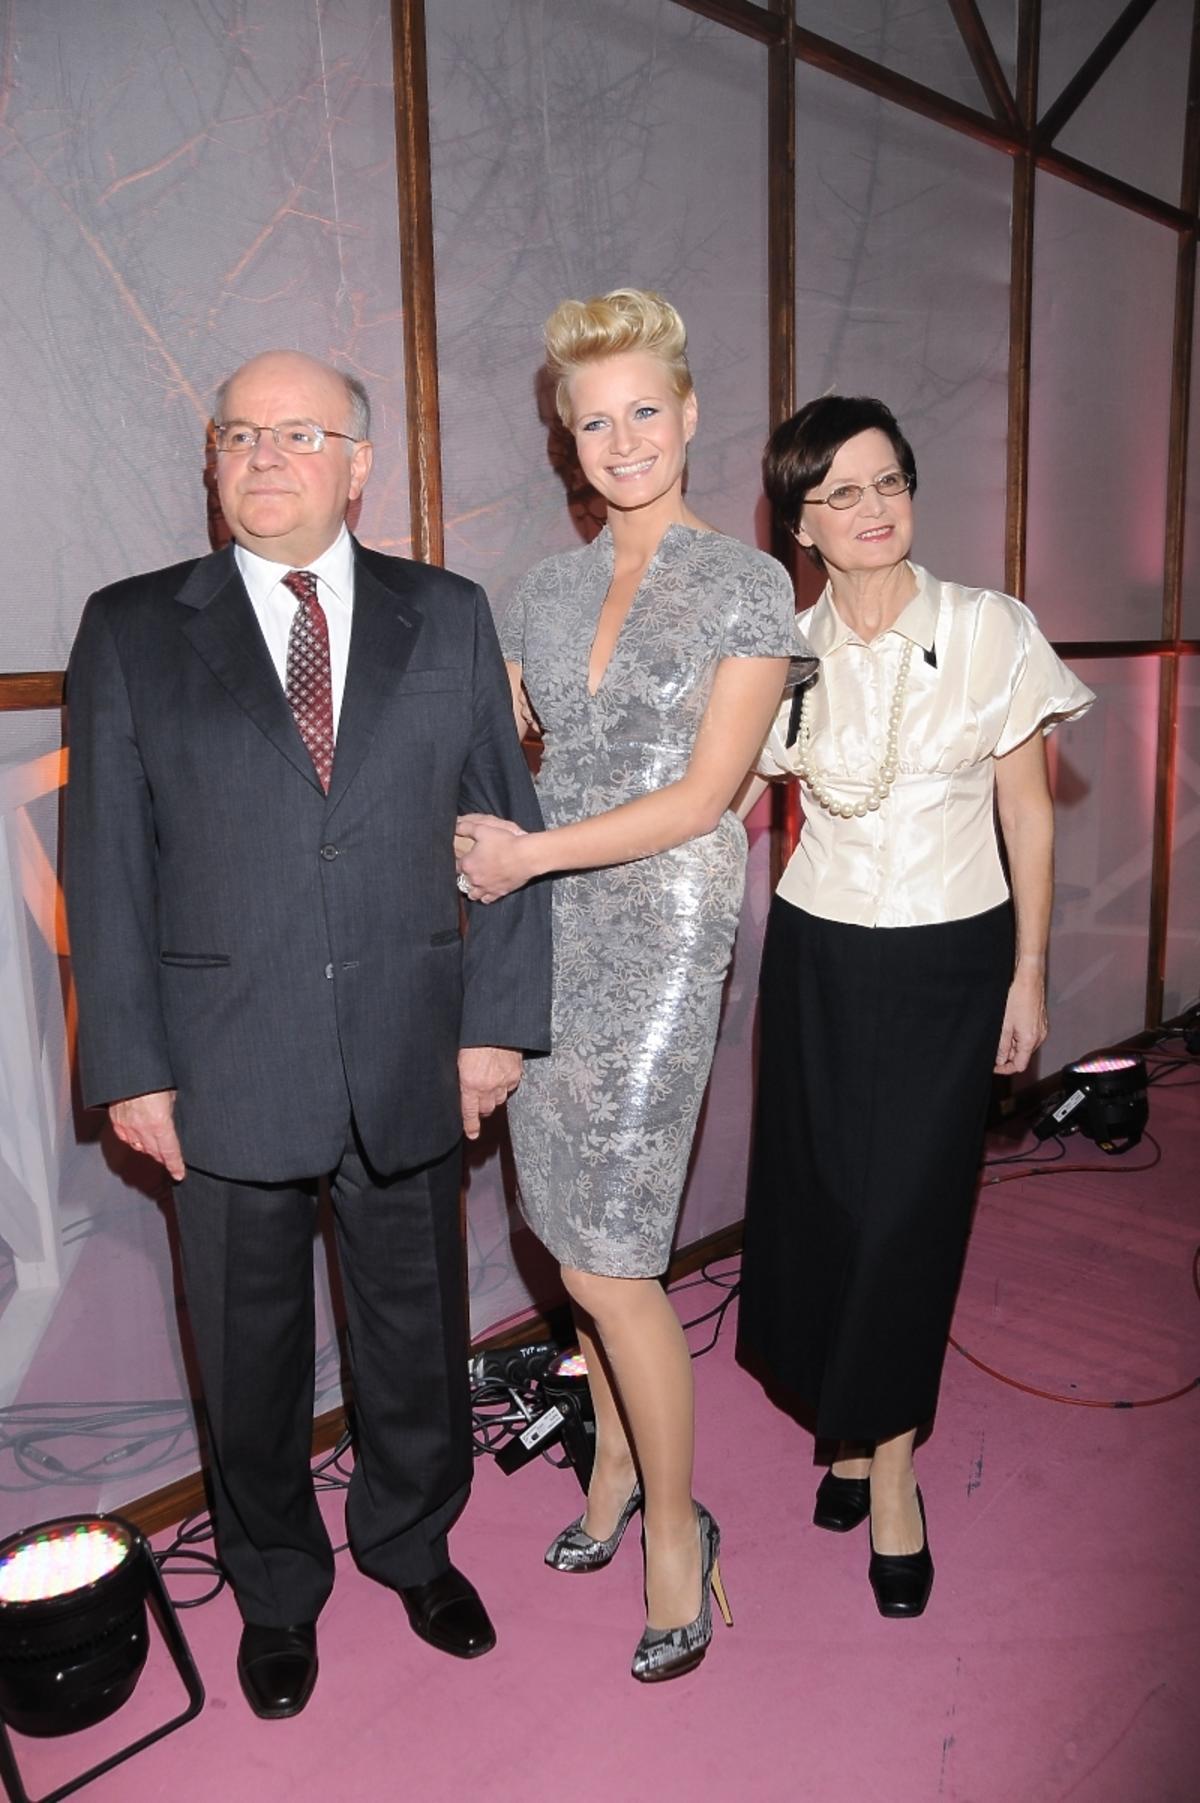 Ojciec Małgorzaty Kożuchowskiej o jej porodzie